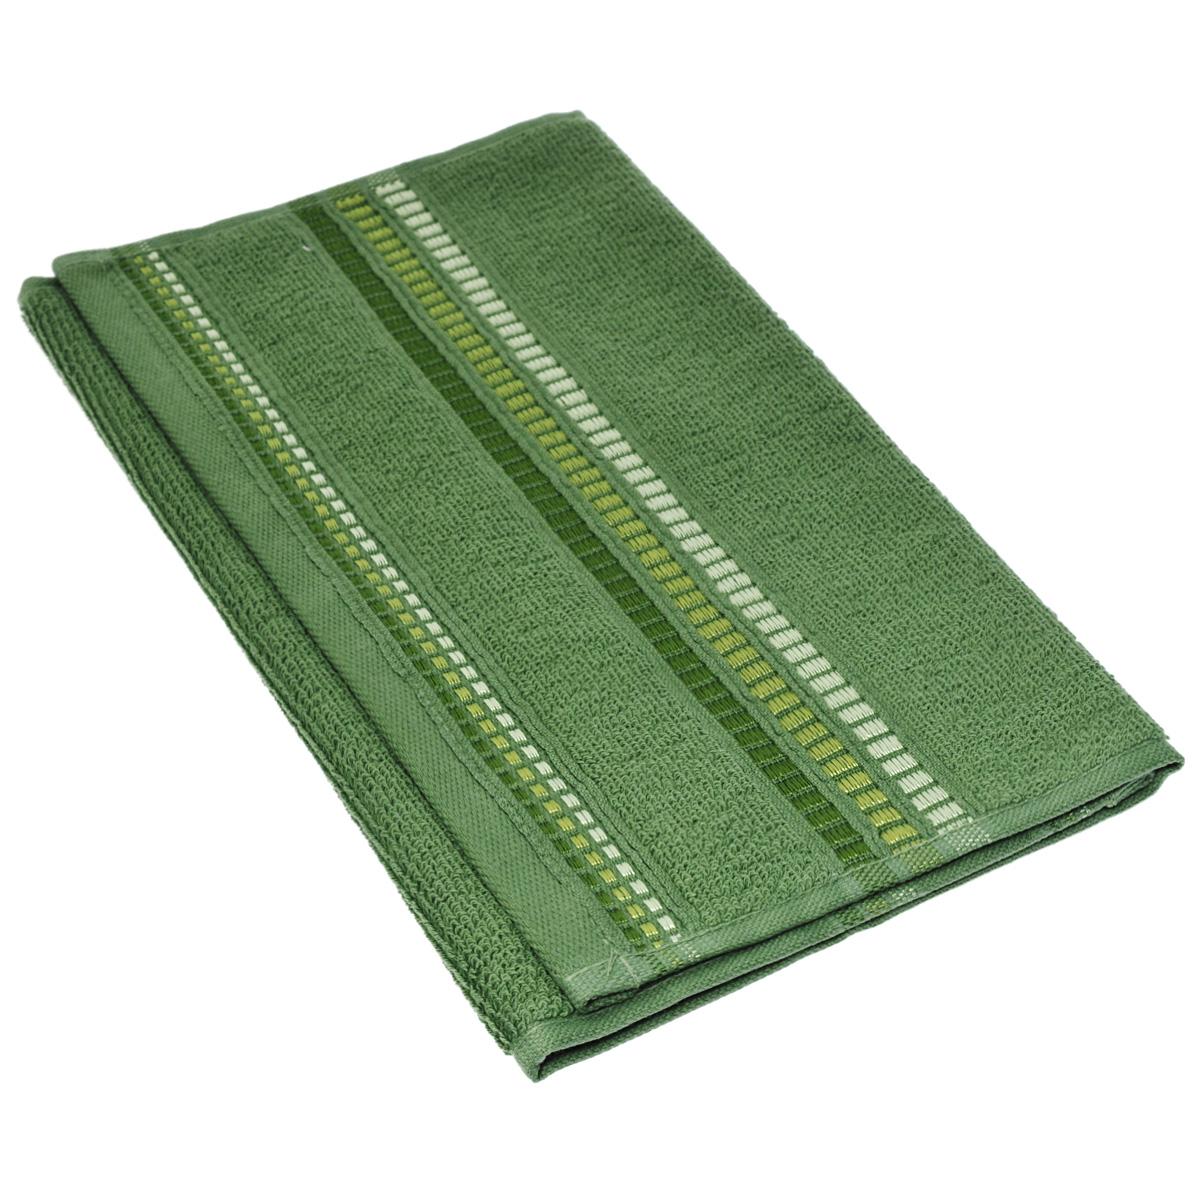 Полотенце махровое Coronet Пиано, цвет: зеленый, 30 х 50 смБ-МП-2020-08-05Махровое полотенце Coronet Пиано, изготовленное из натурального хлопка, подарит массу положительных эмоций и приятных ощущений. Полотенце отличается нежностью и мягкостью материала, утонченным дизайном и превосходным качеством. Оно прекрасно впитывает влагу, быстро сохнет и не теряет своих свойств после многократных стирок. Махровое полотенце Coronet Пиано станет достойным выбором для вас и приятным подарком для ваших близких. Мягкость и высокое качество материала, из которого изготовлены полотенца не оставит вас равнодушными.